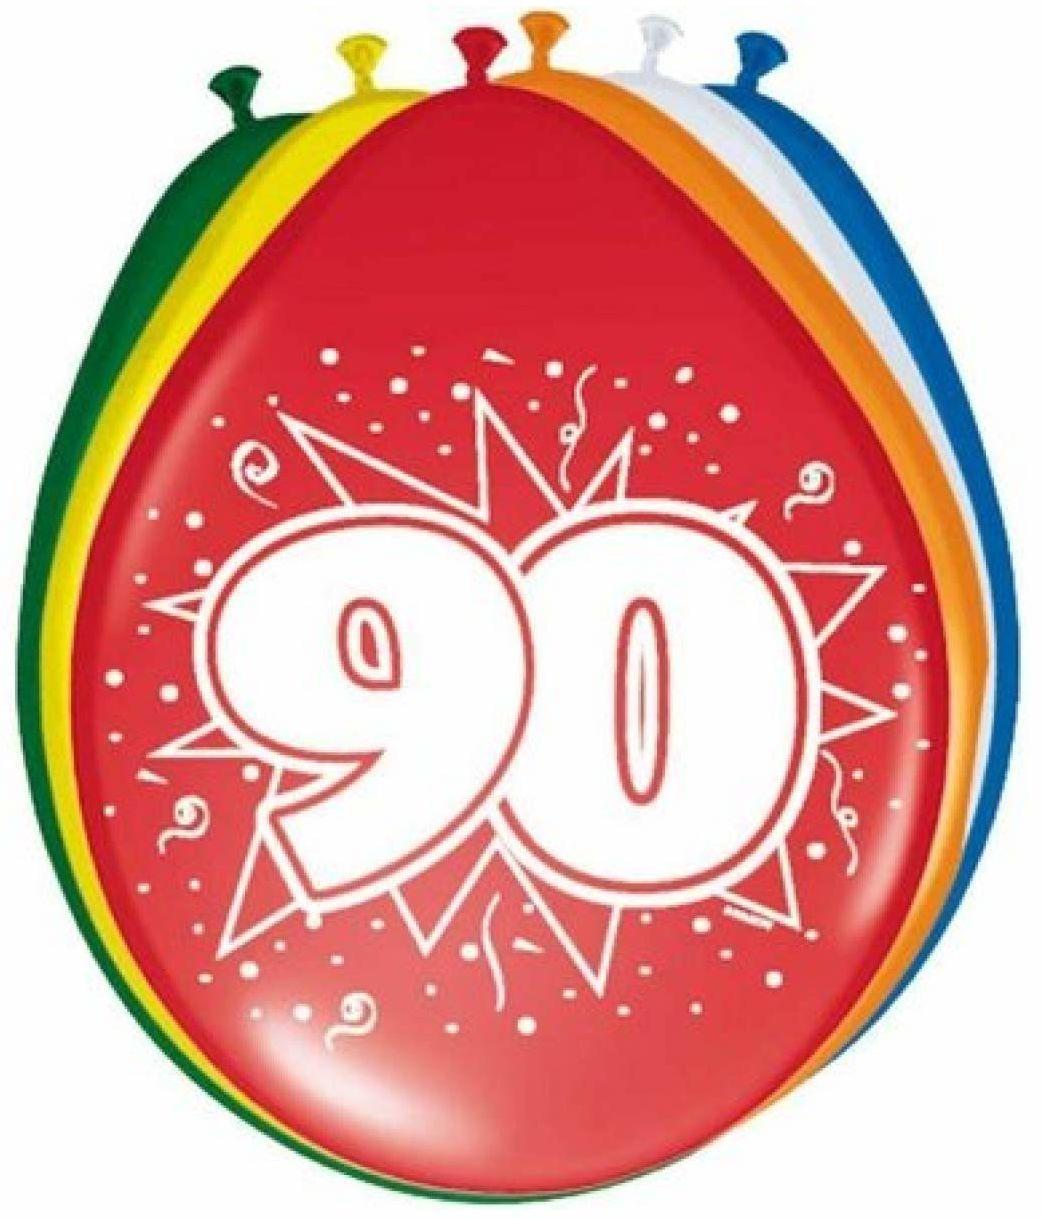 Folat Balony na 90 urodziny 08290 30 cm - 8 sztuk, wiele kolorów